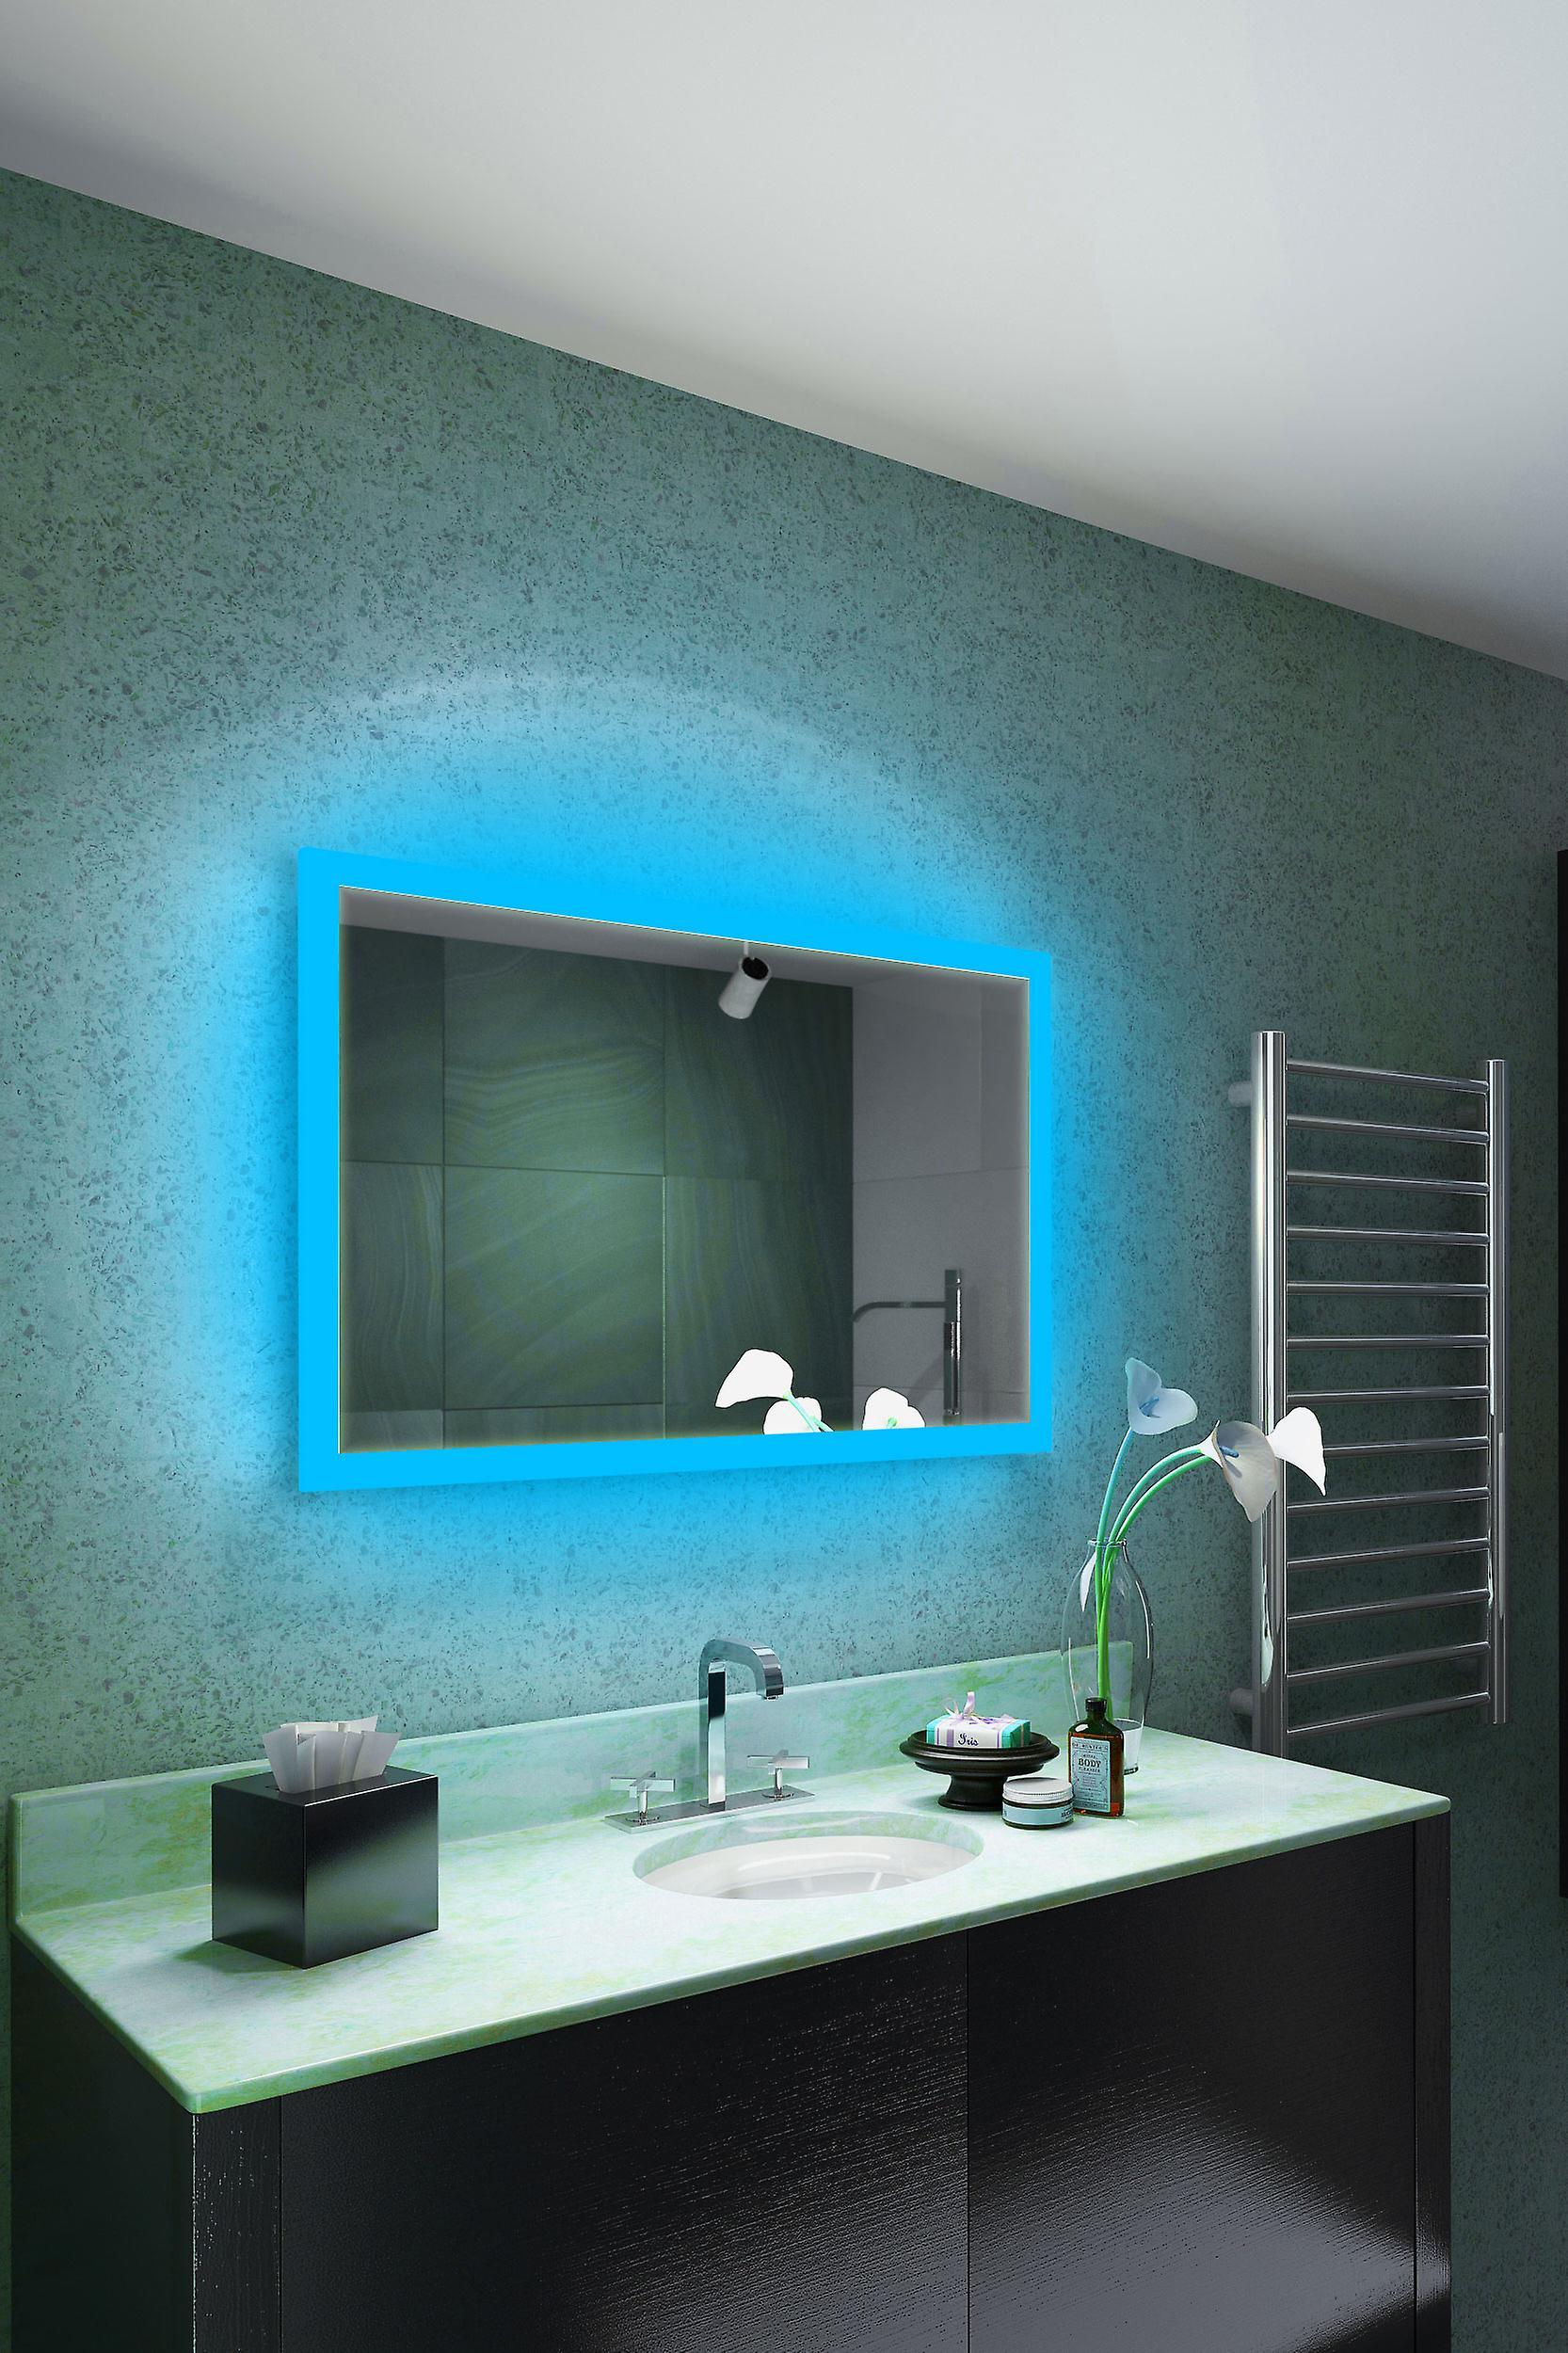 RGB rasoir LED salle de bain miroir avec coussin dévésiculeur & capteur K8401hrgb